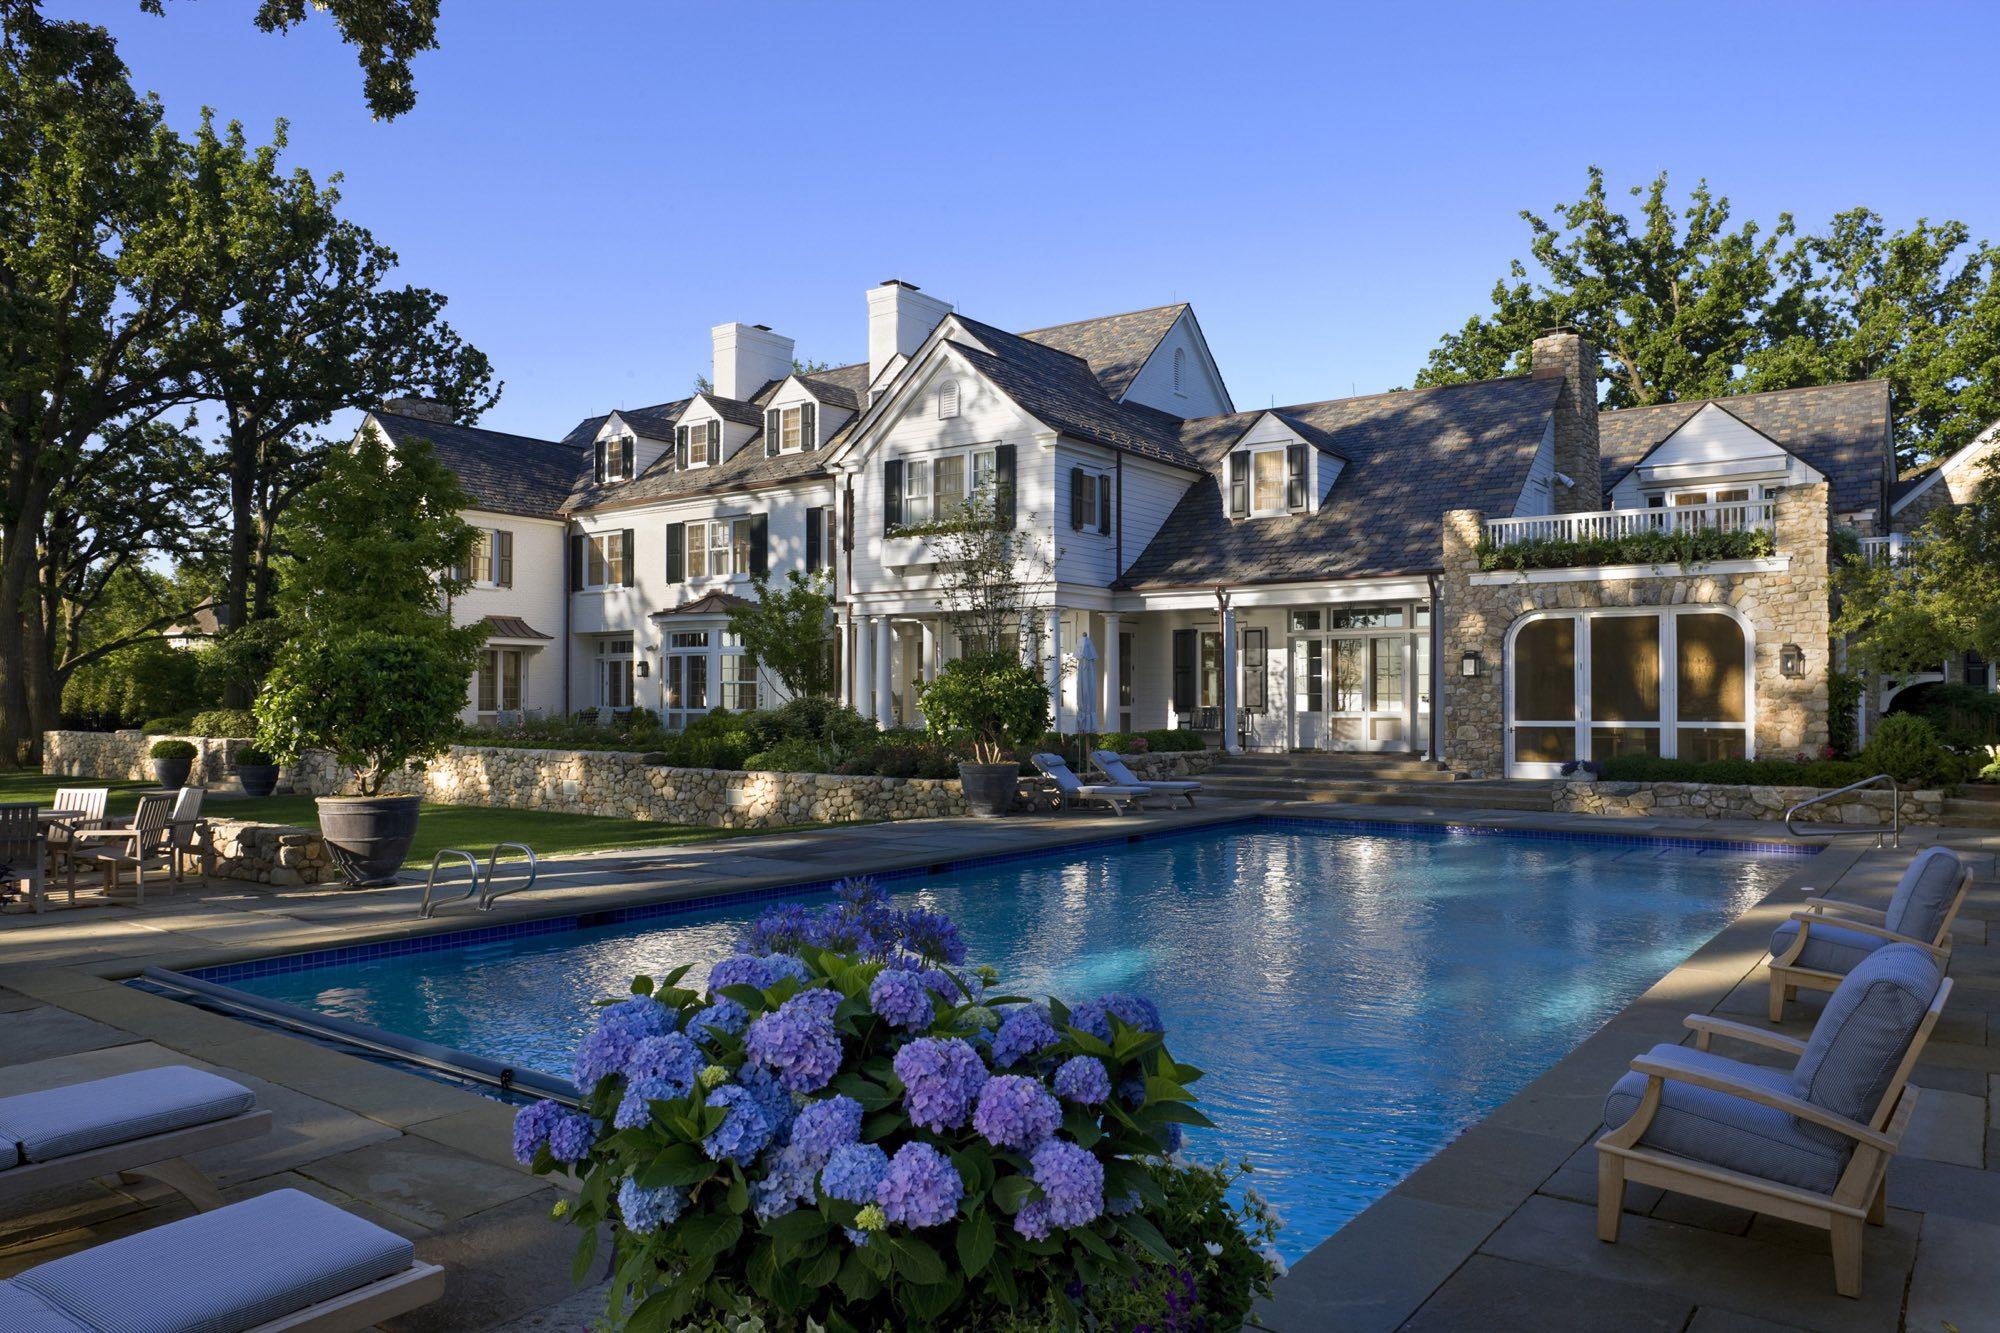 house-on-lake-michigan-012-2000x1333